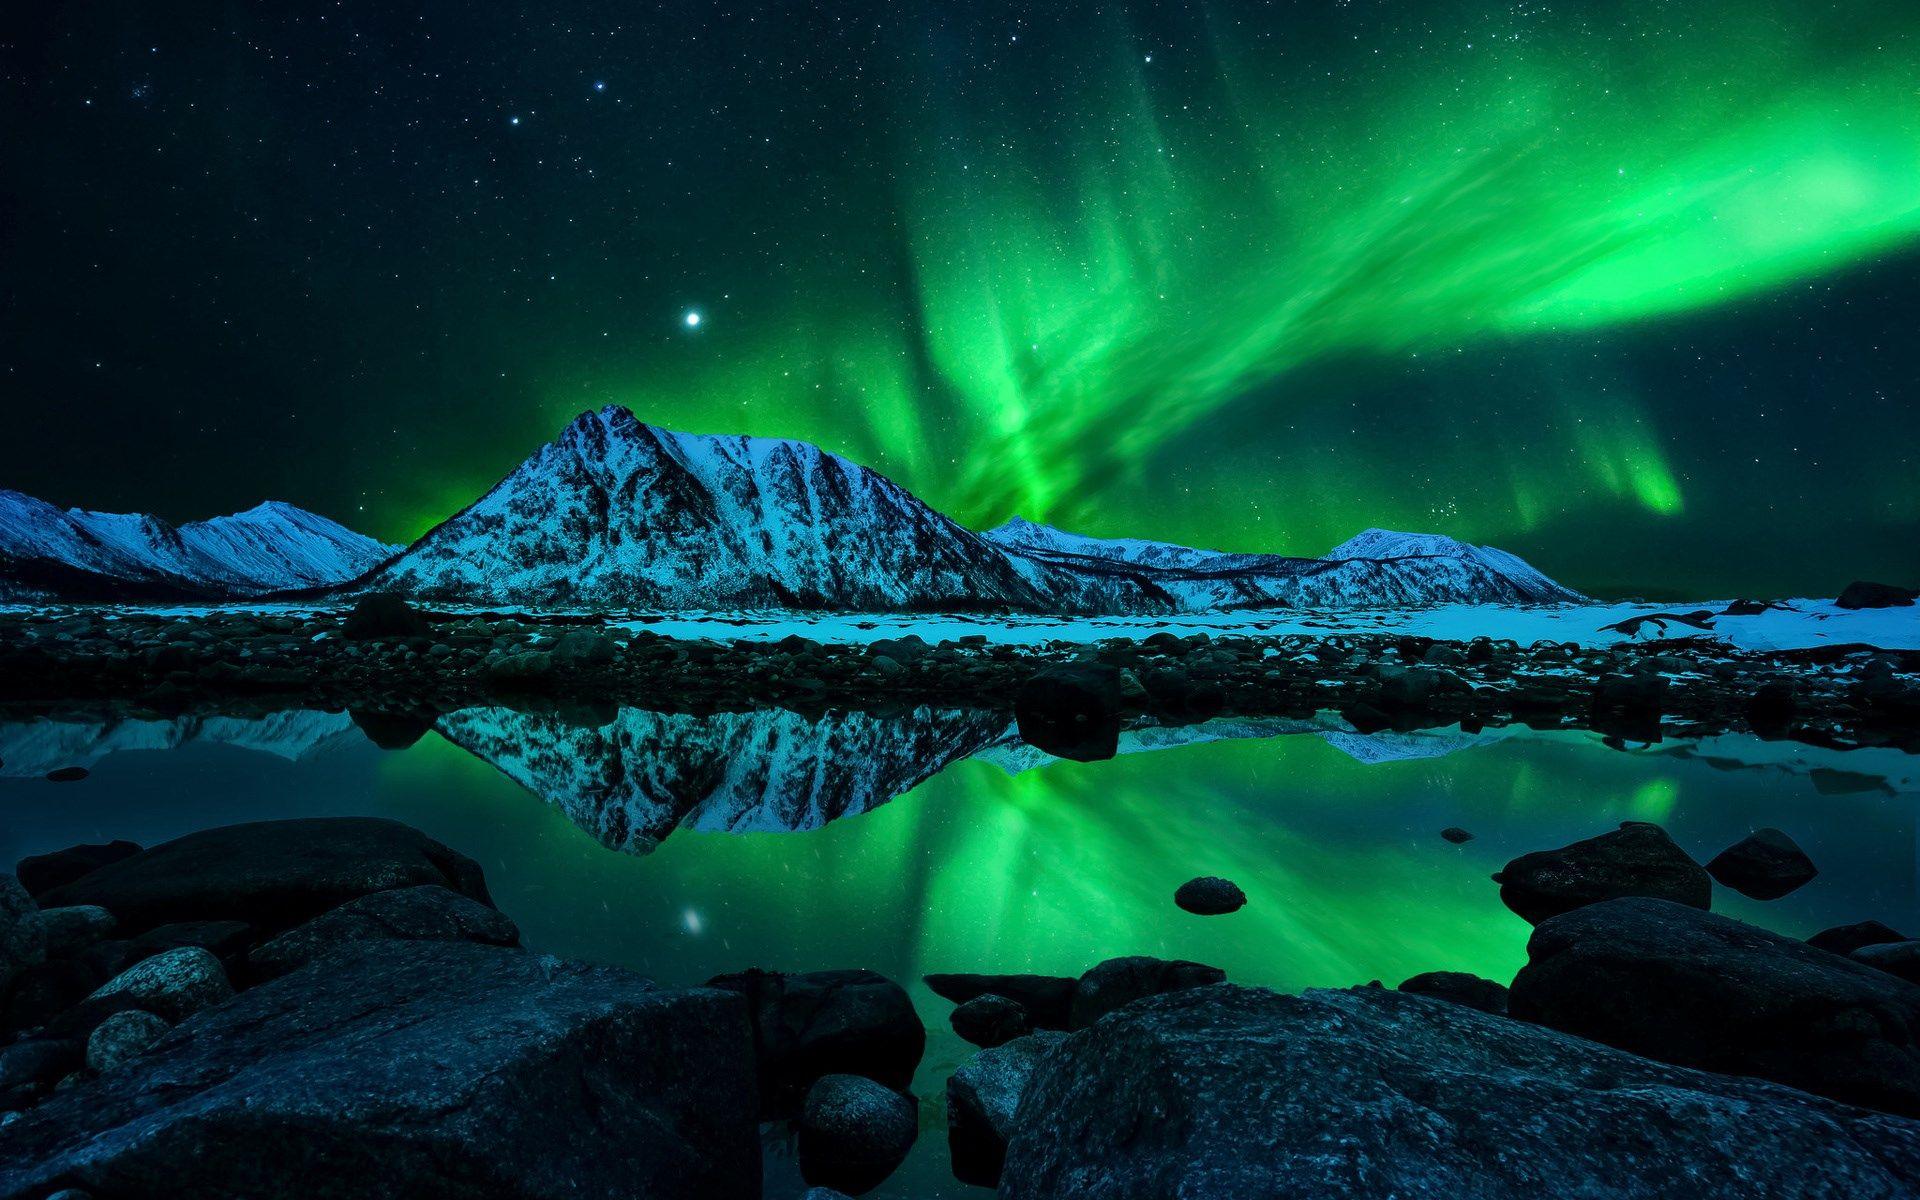 Noruega y sus fantásticas auras boreales con montañas